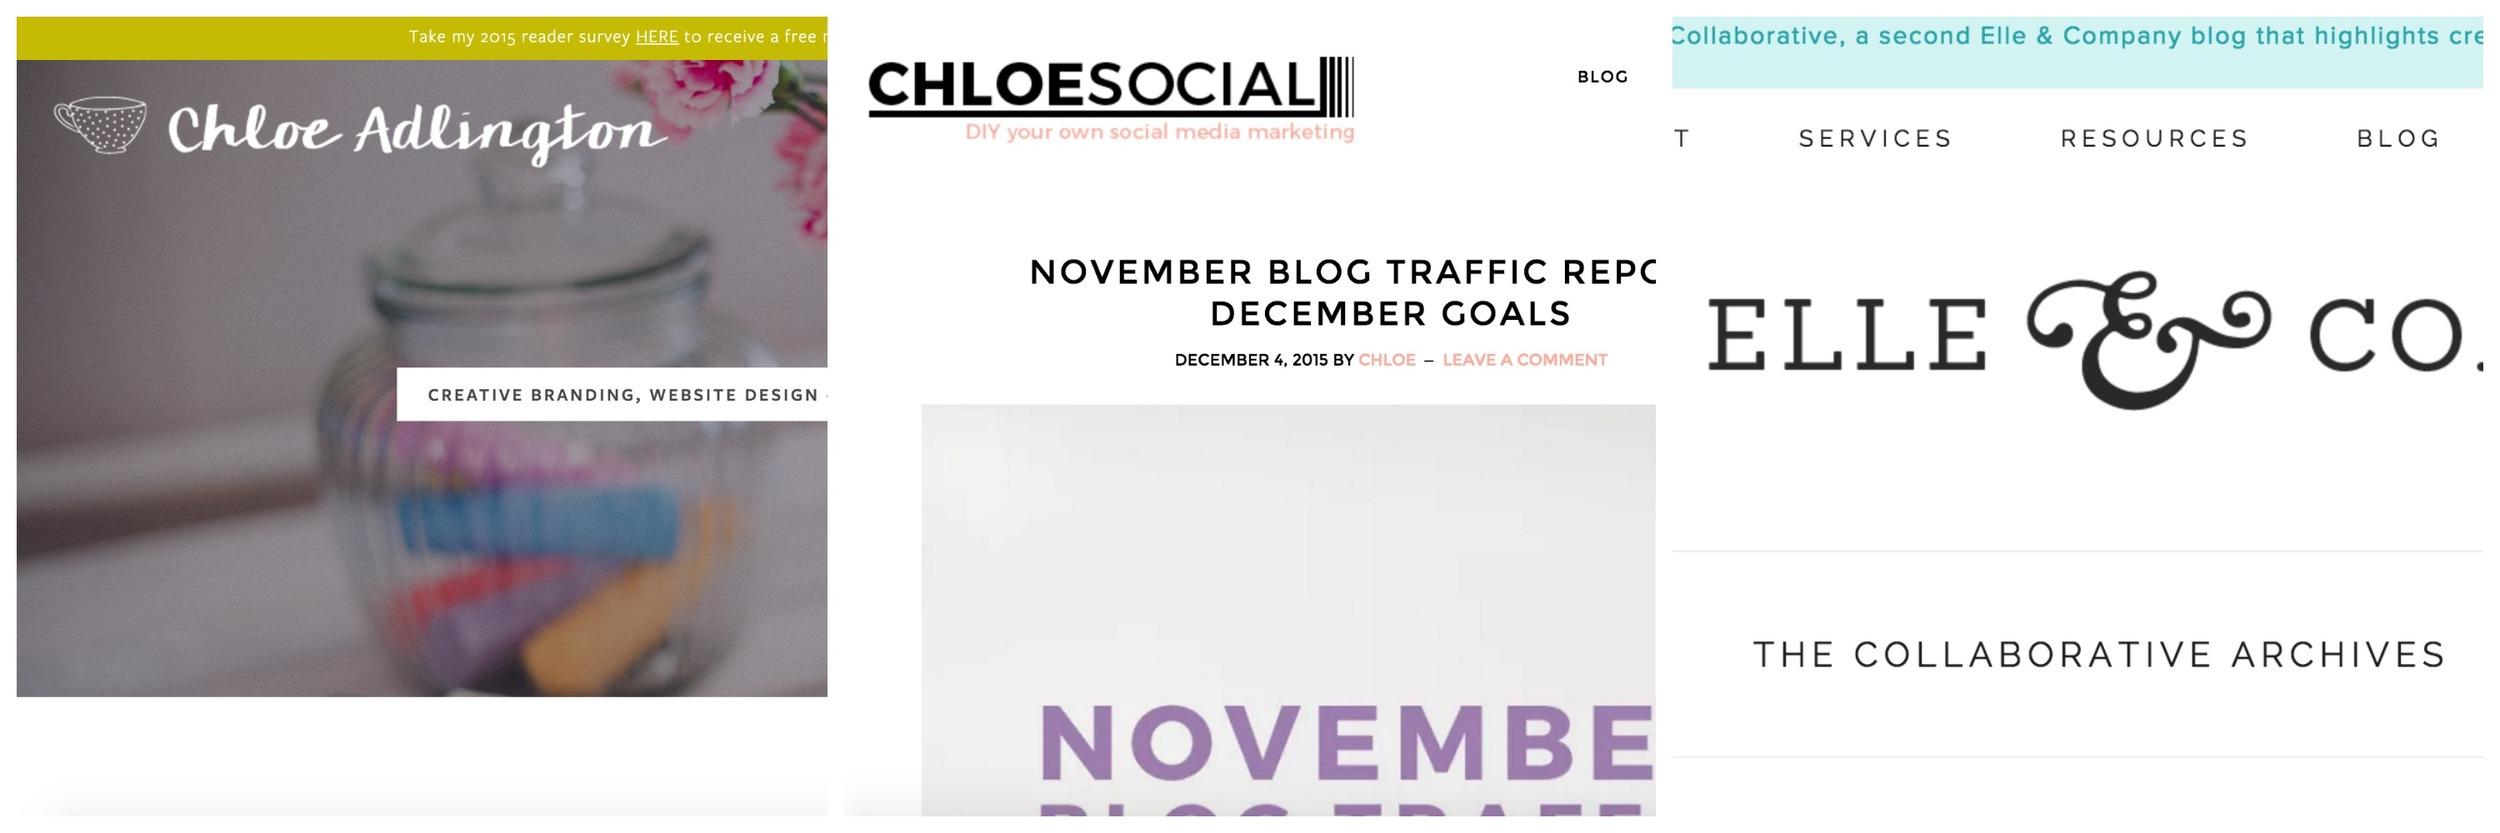 Chloe Adlington                   Chloe Social              Elle & Co Collaborative